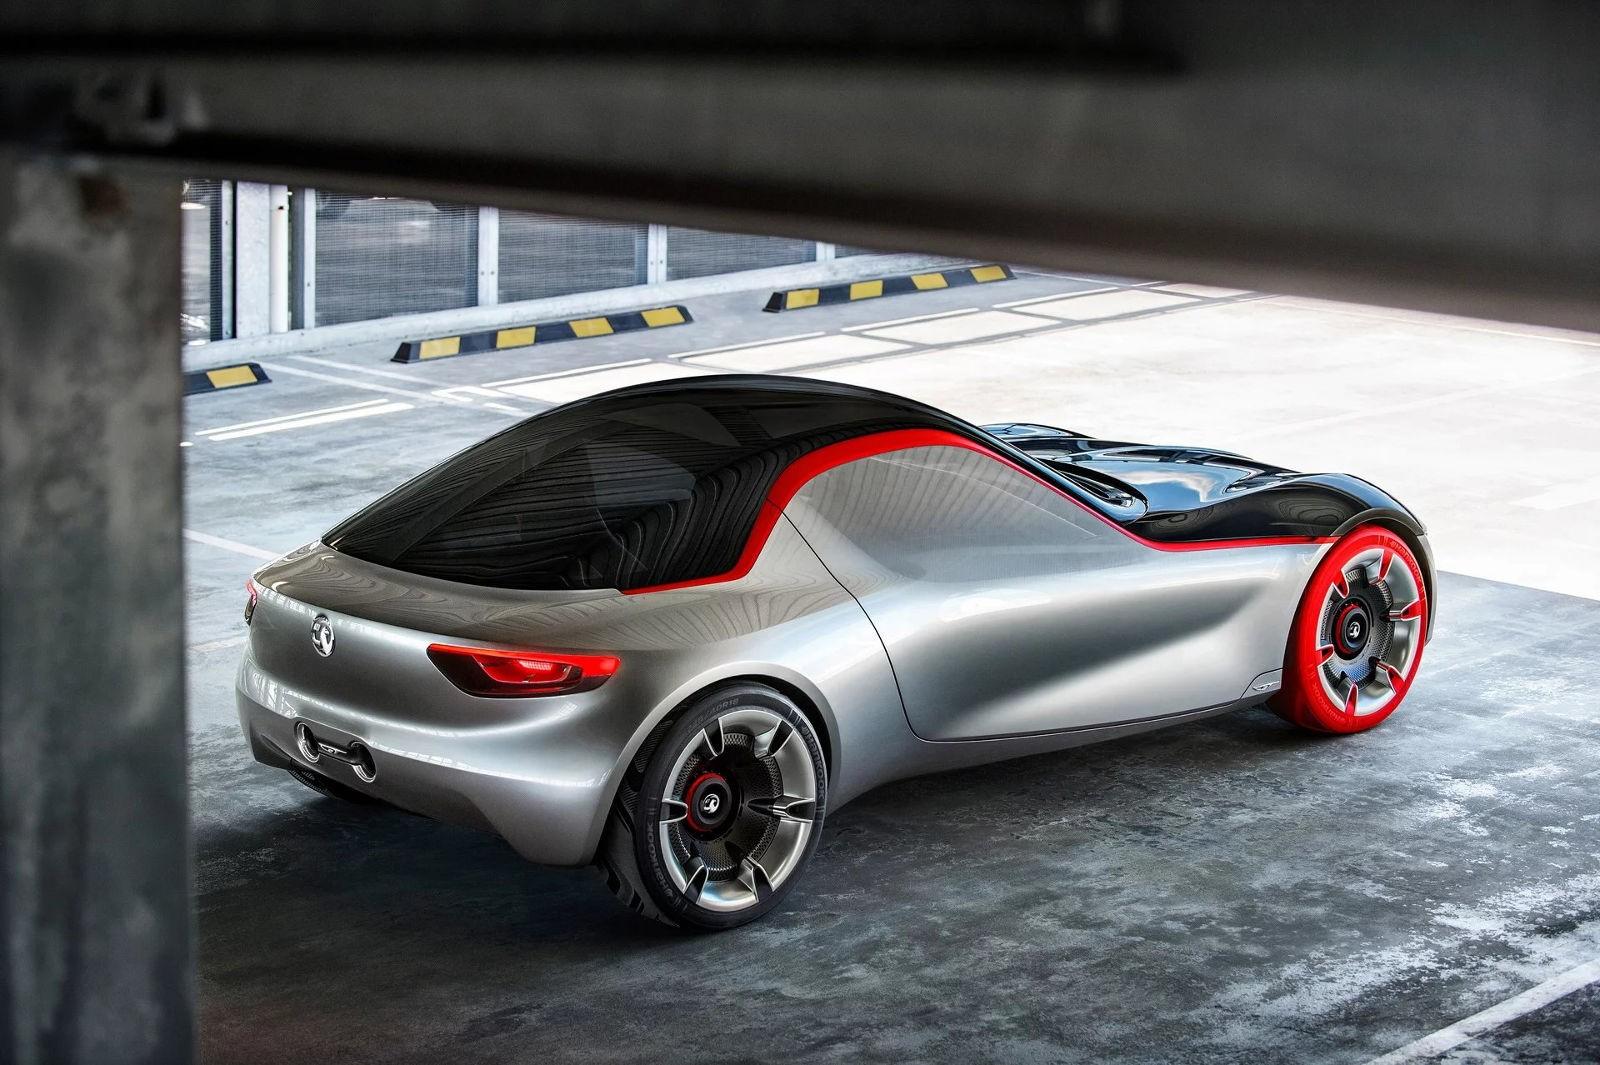 Генеральный директор Opel высказался о спортивных автомобилях 1